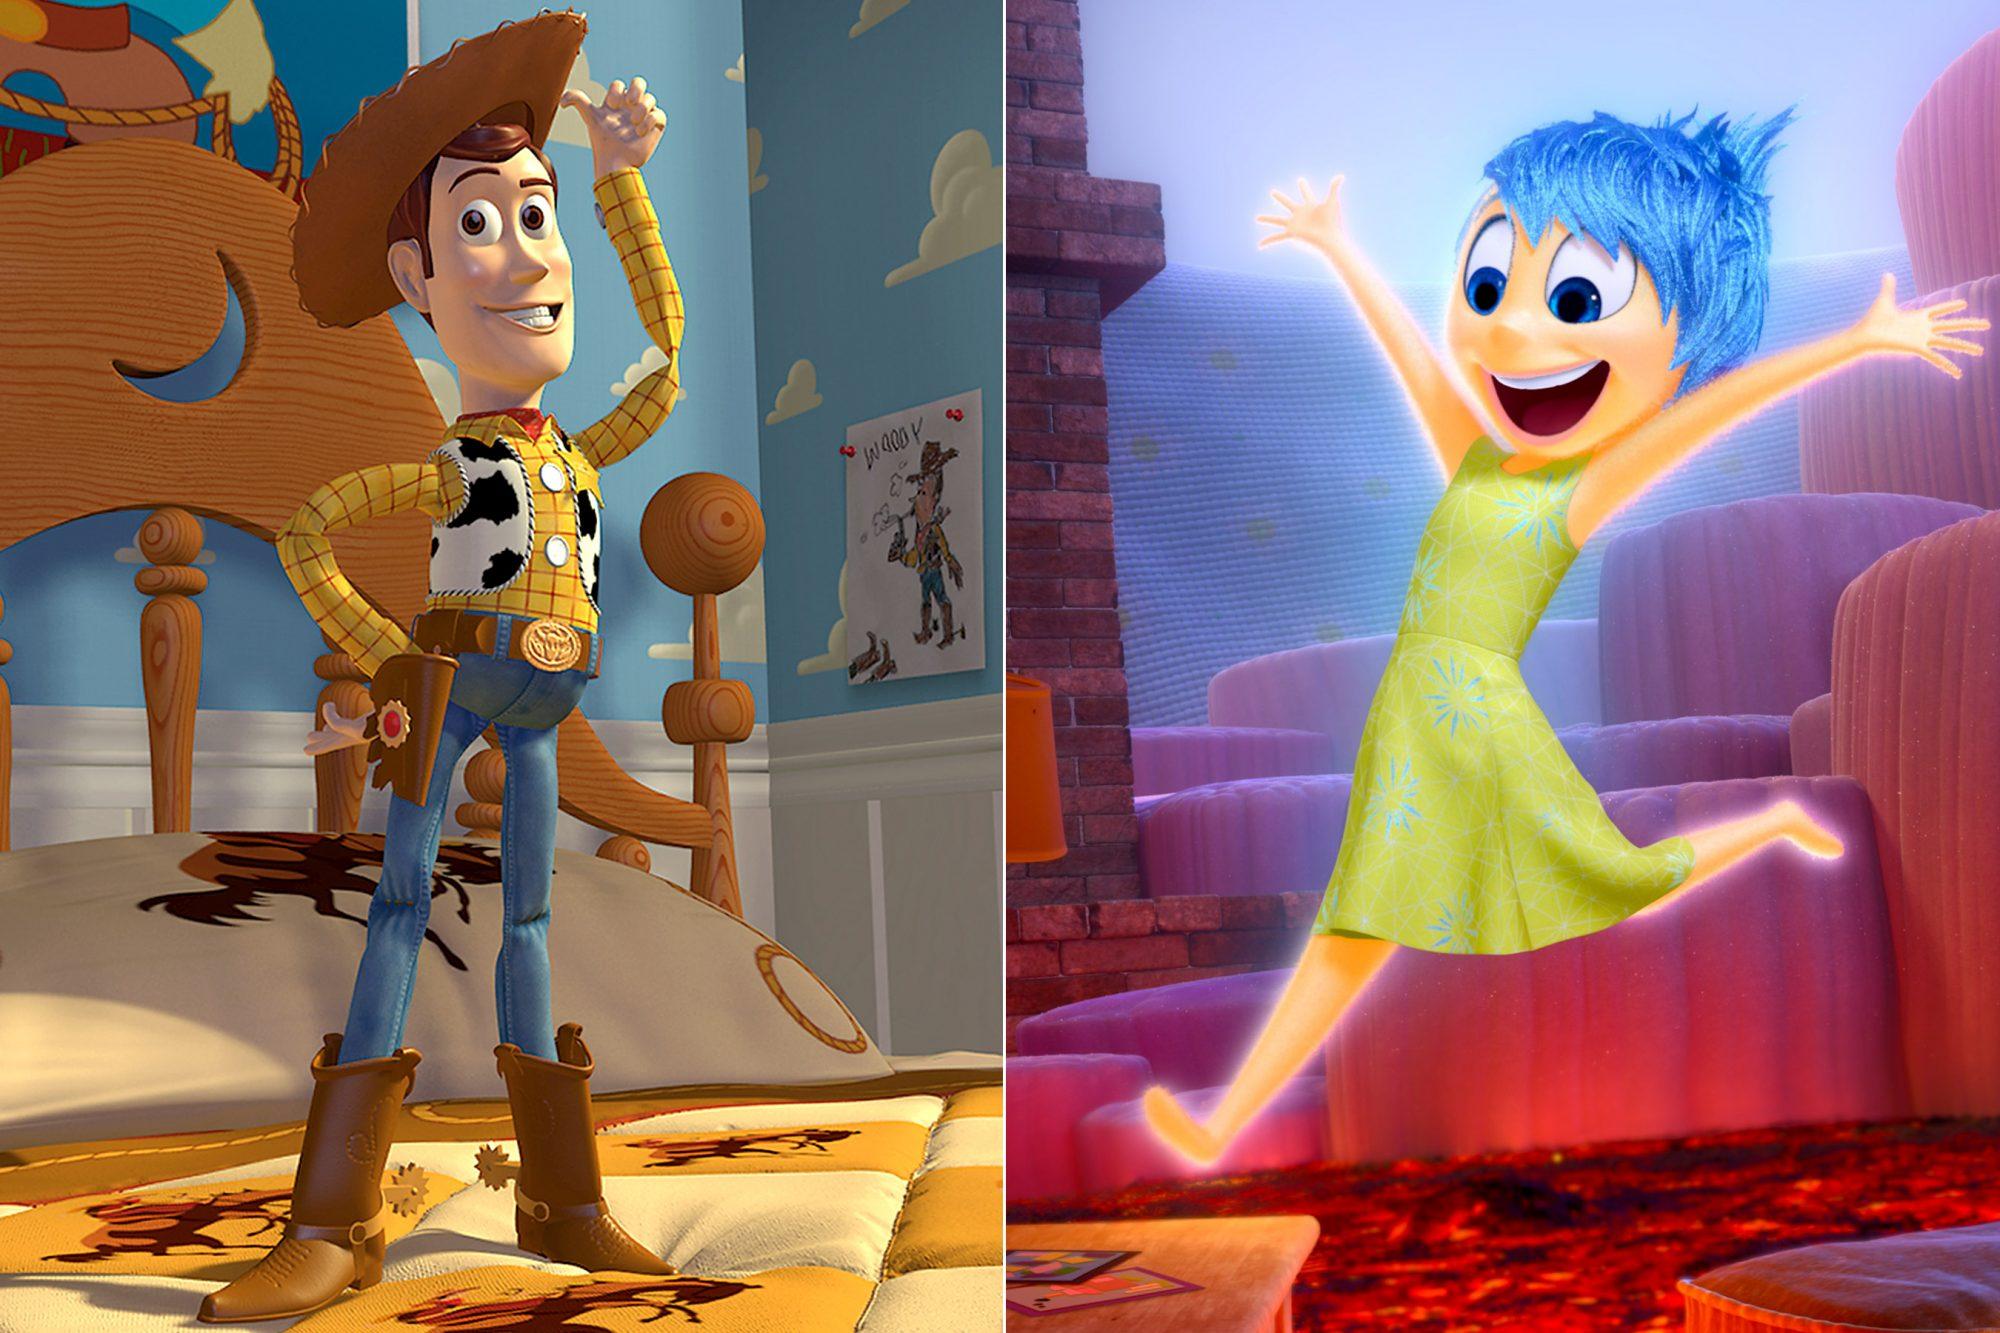 GALLERY: Pixar Movies